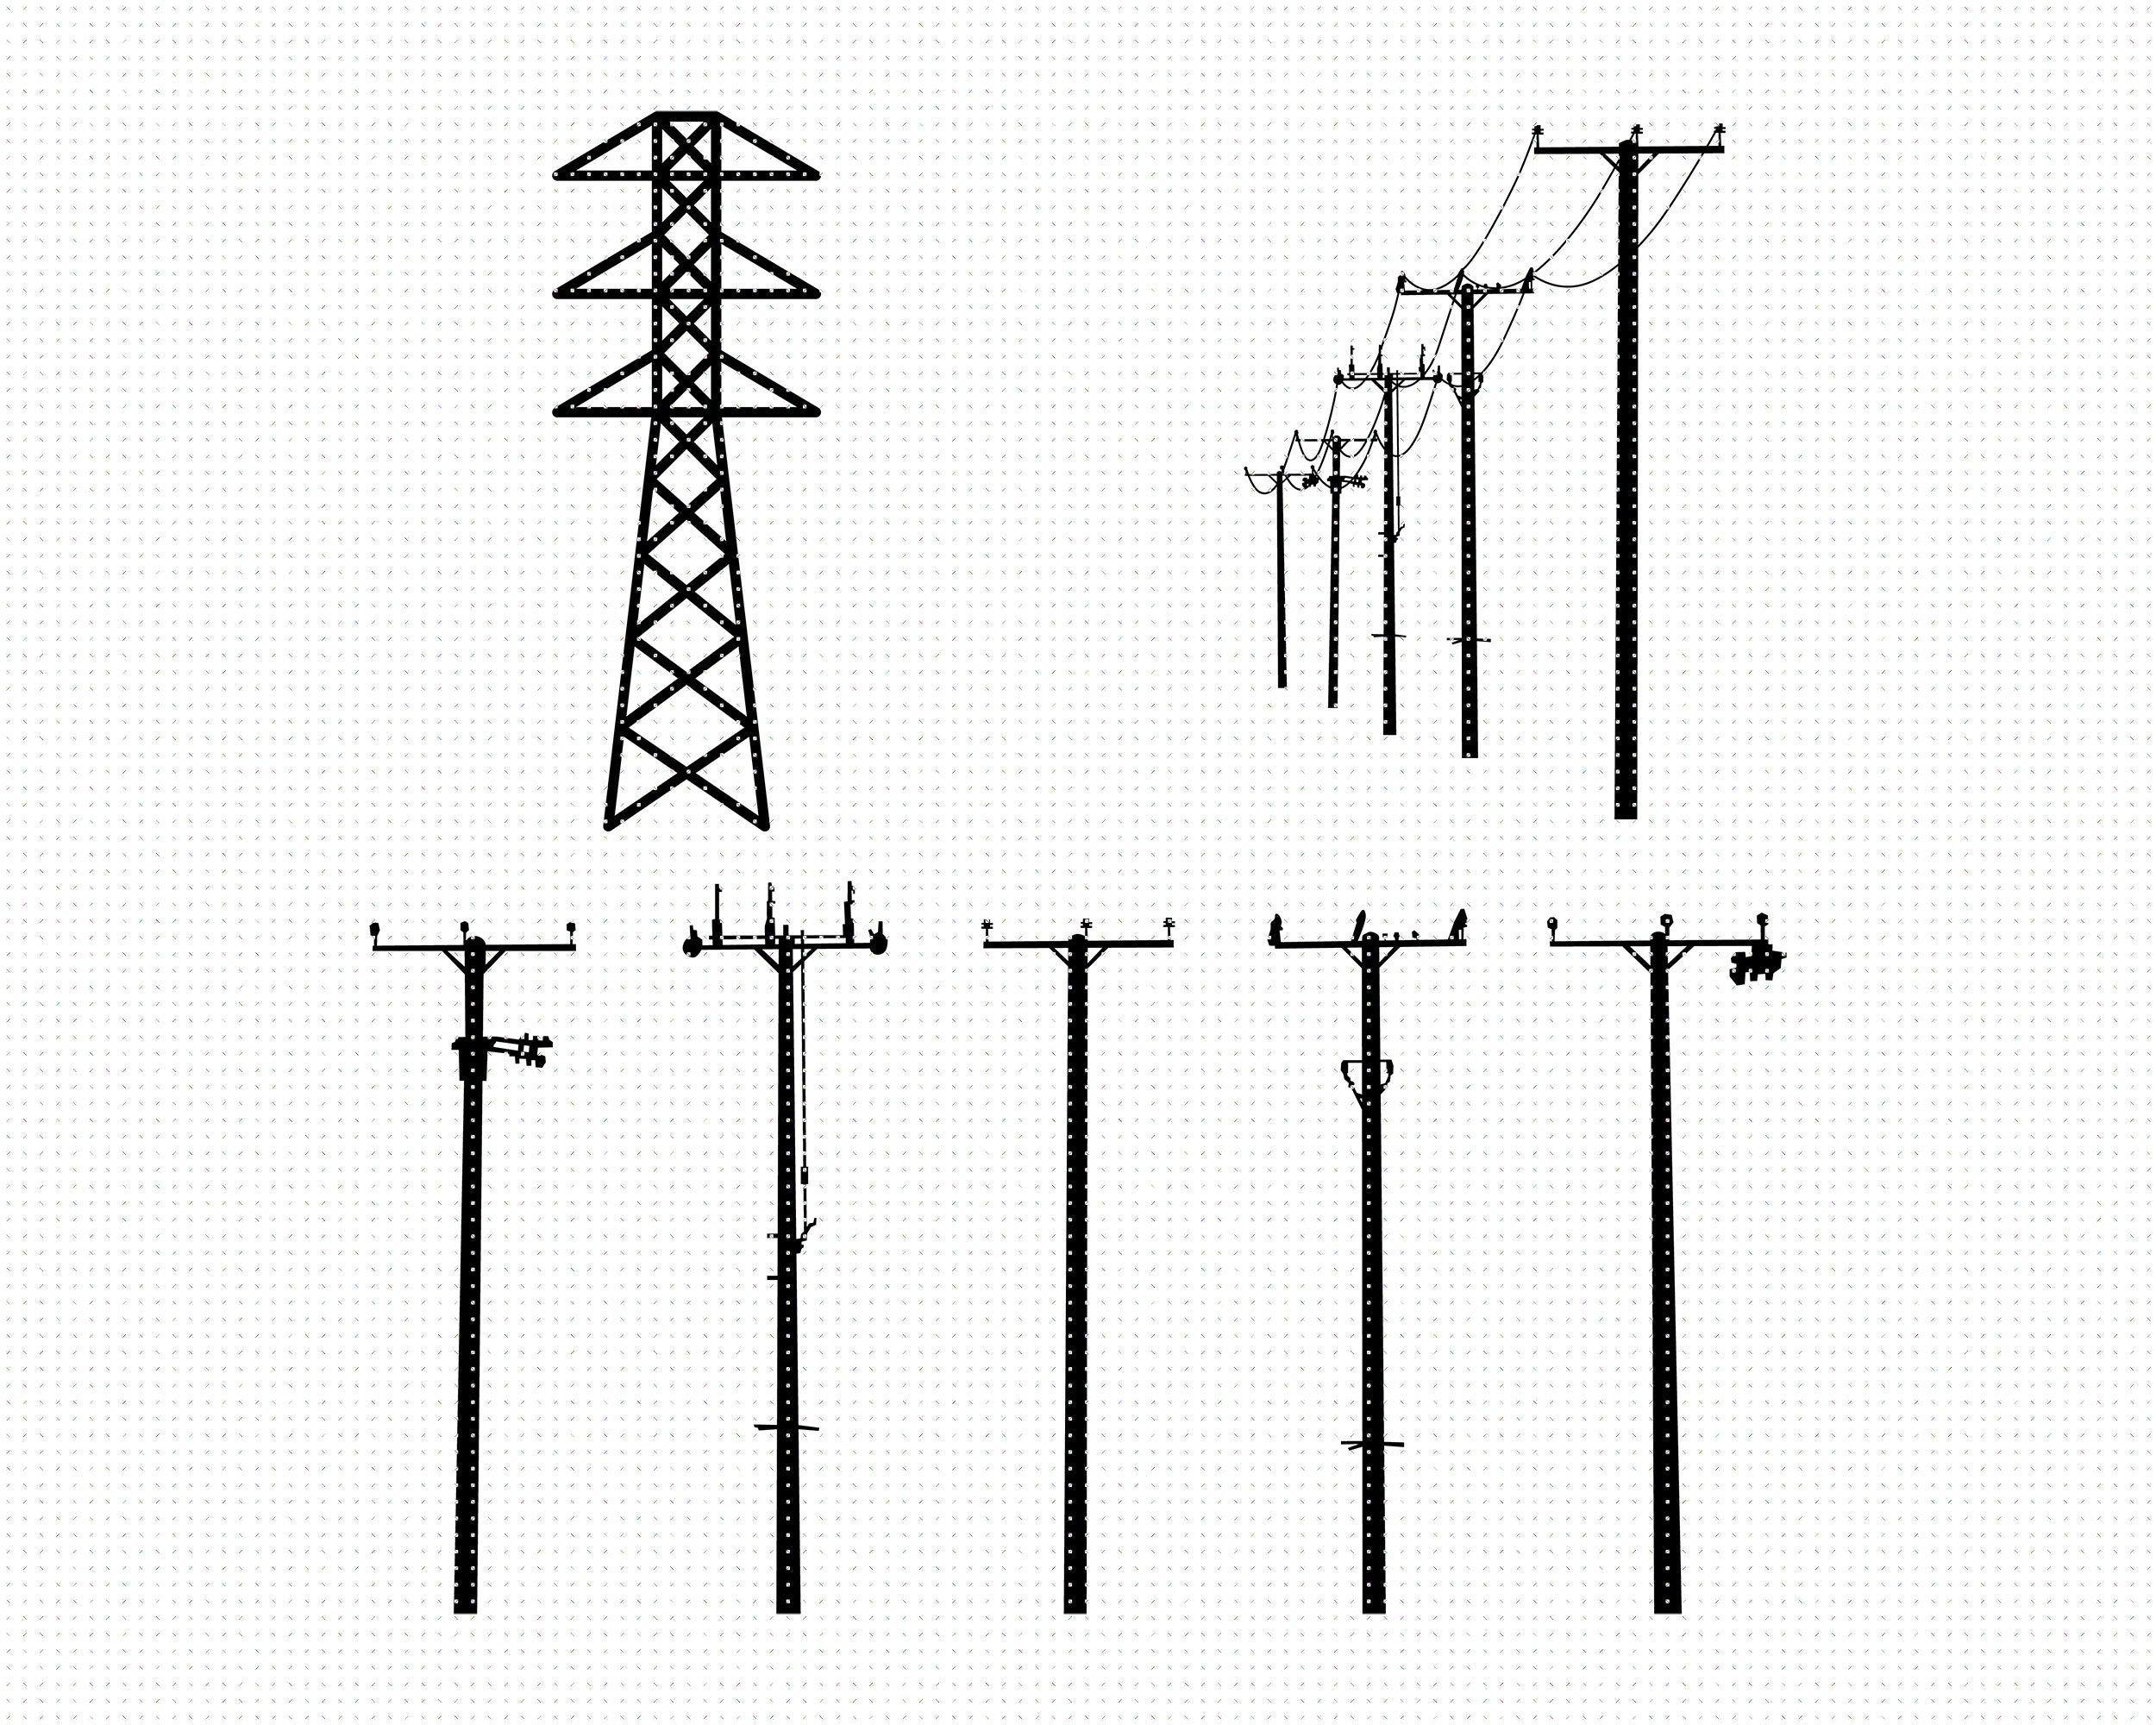 Power Lines Svg Electrical Lines Svg Transmission Tower Svg Etsy In 2021 Transmission Tower Electricity Art Svg